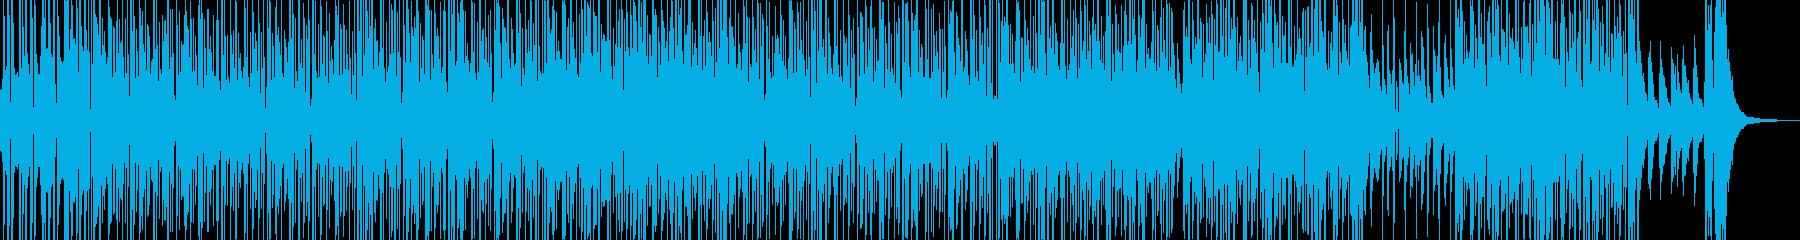 シャレたリズムのアダルティなR&B Bの再生済みの波形